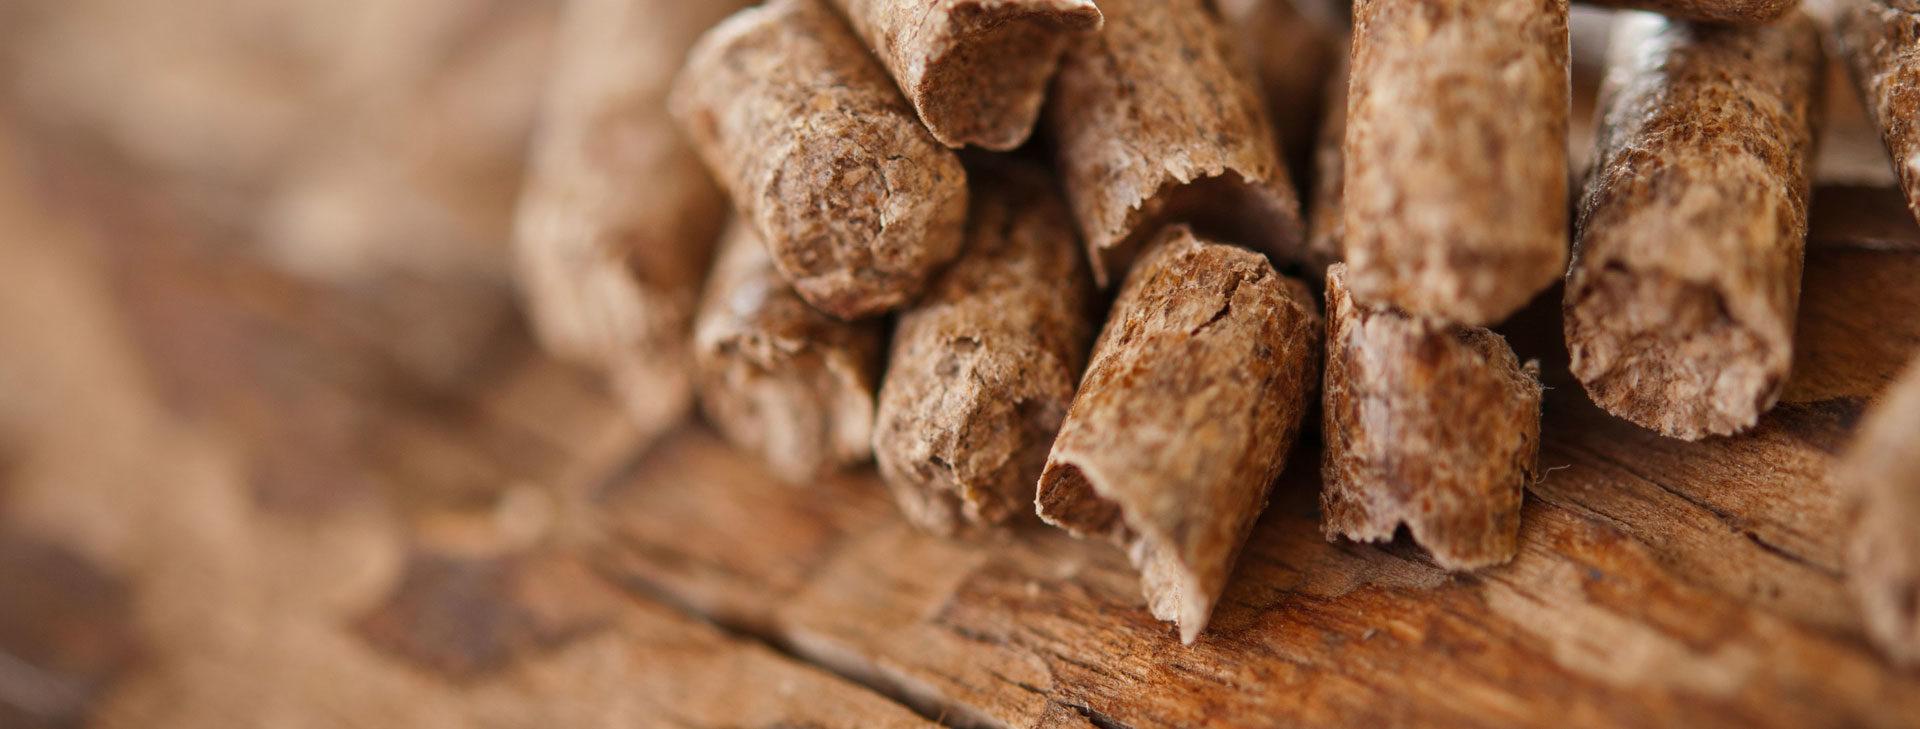 wood-pellets-south-shore-pellets